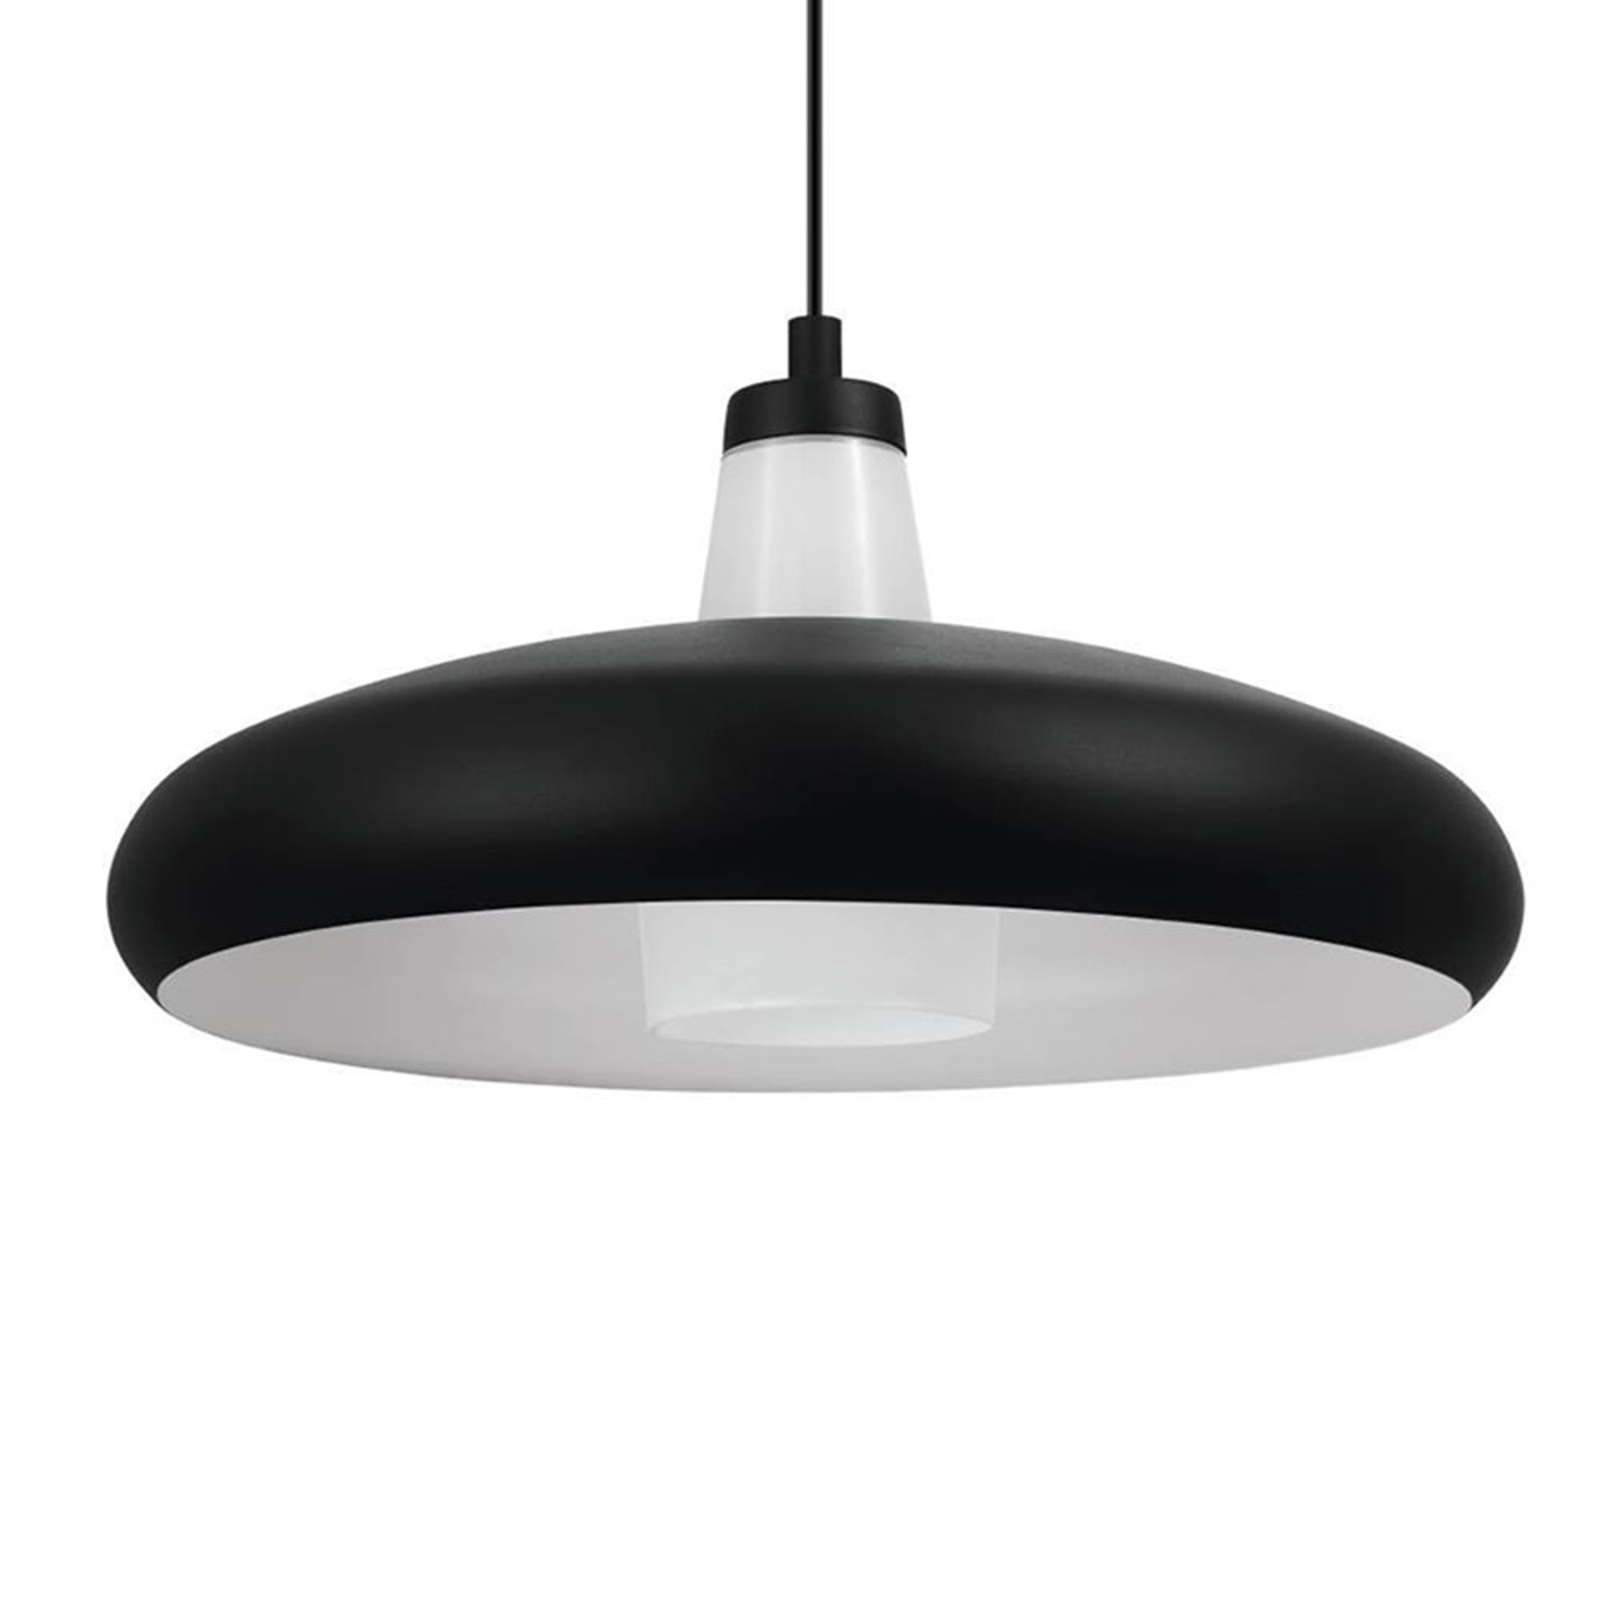 EGLO connect Tabanera-C LED-hængelampe